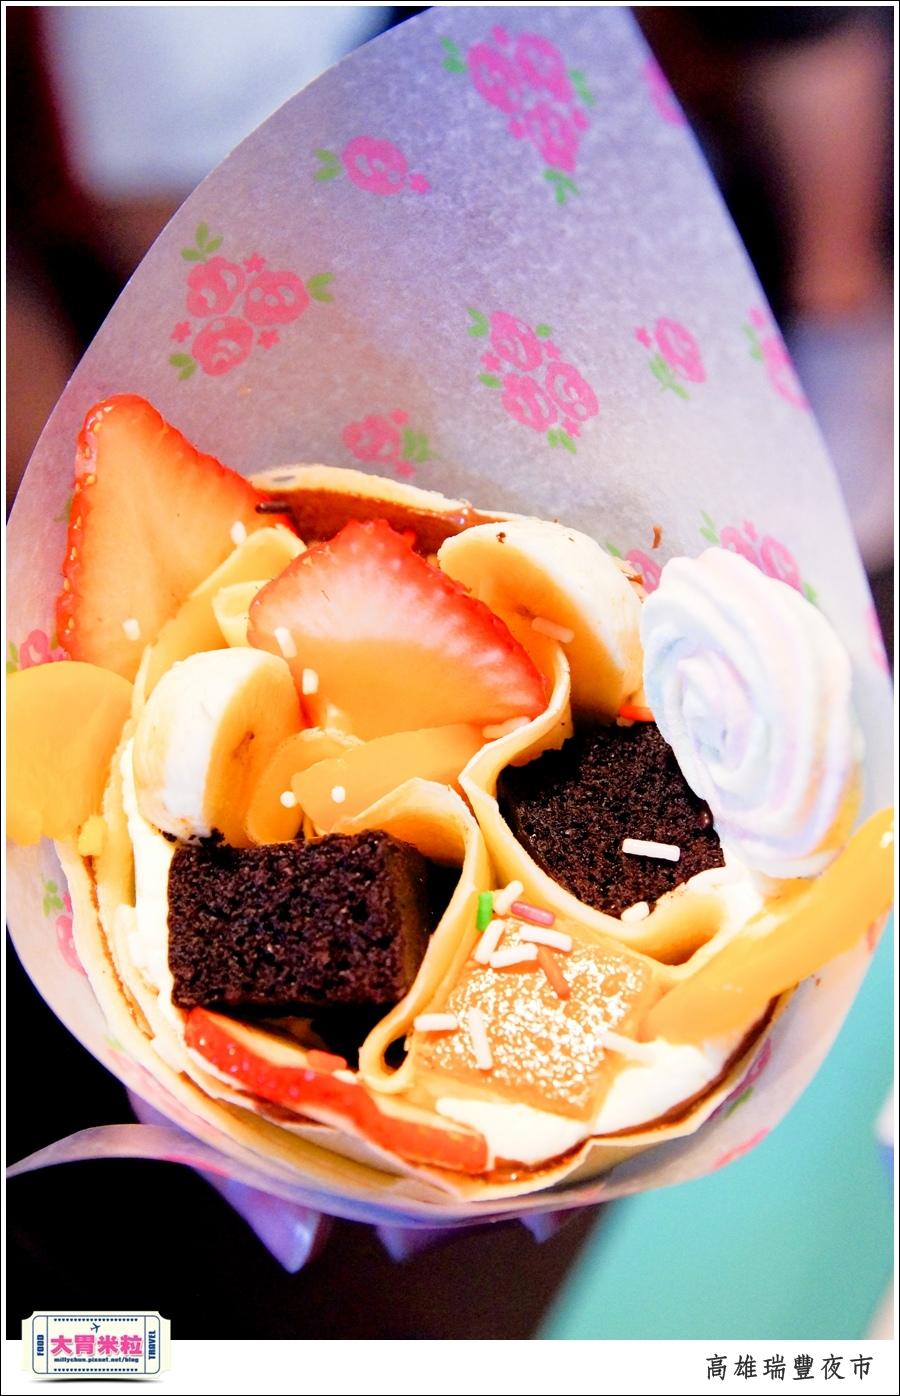 高雄瑞豐夜市必吃推薦@米夏軟式可麗餅推薦@大胃米粒0033.jpg